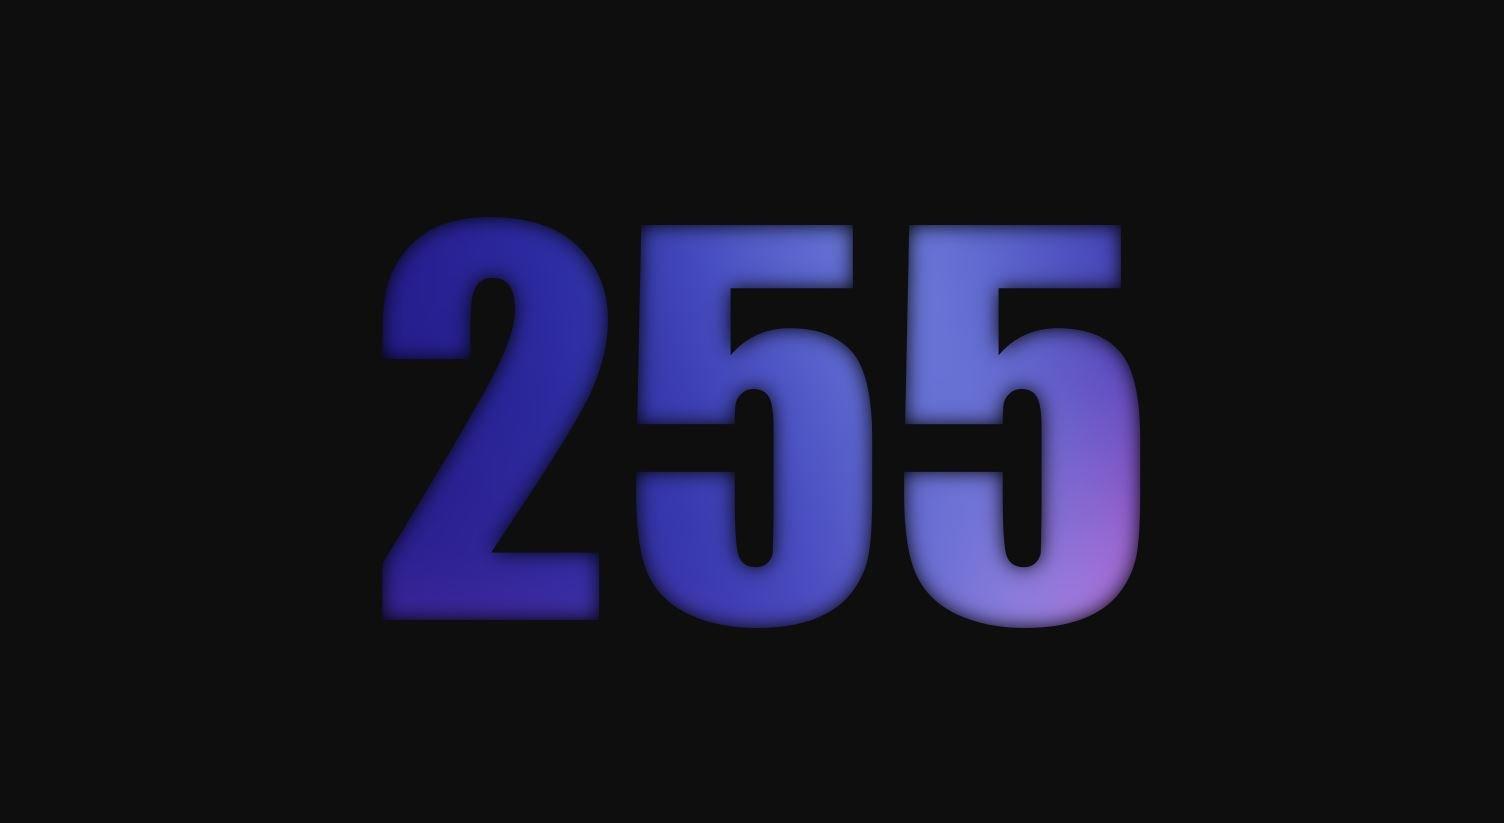 Die Bedeutung der Zahl 255